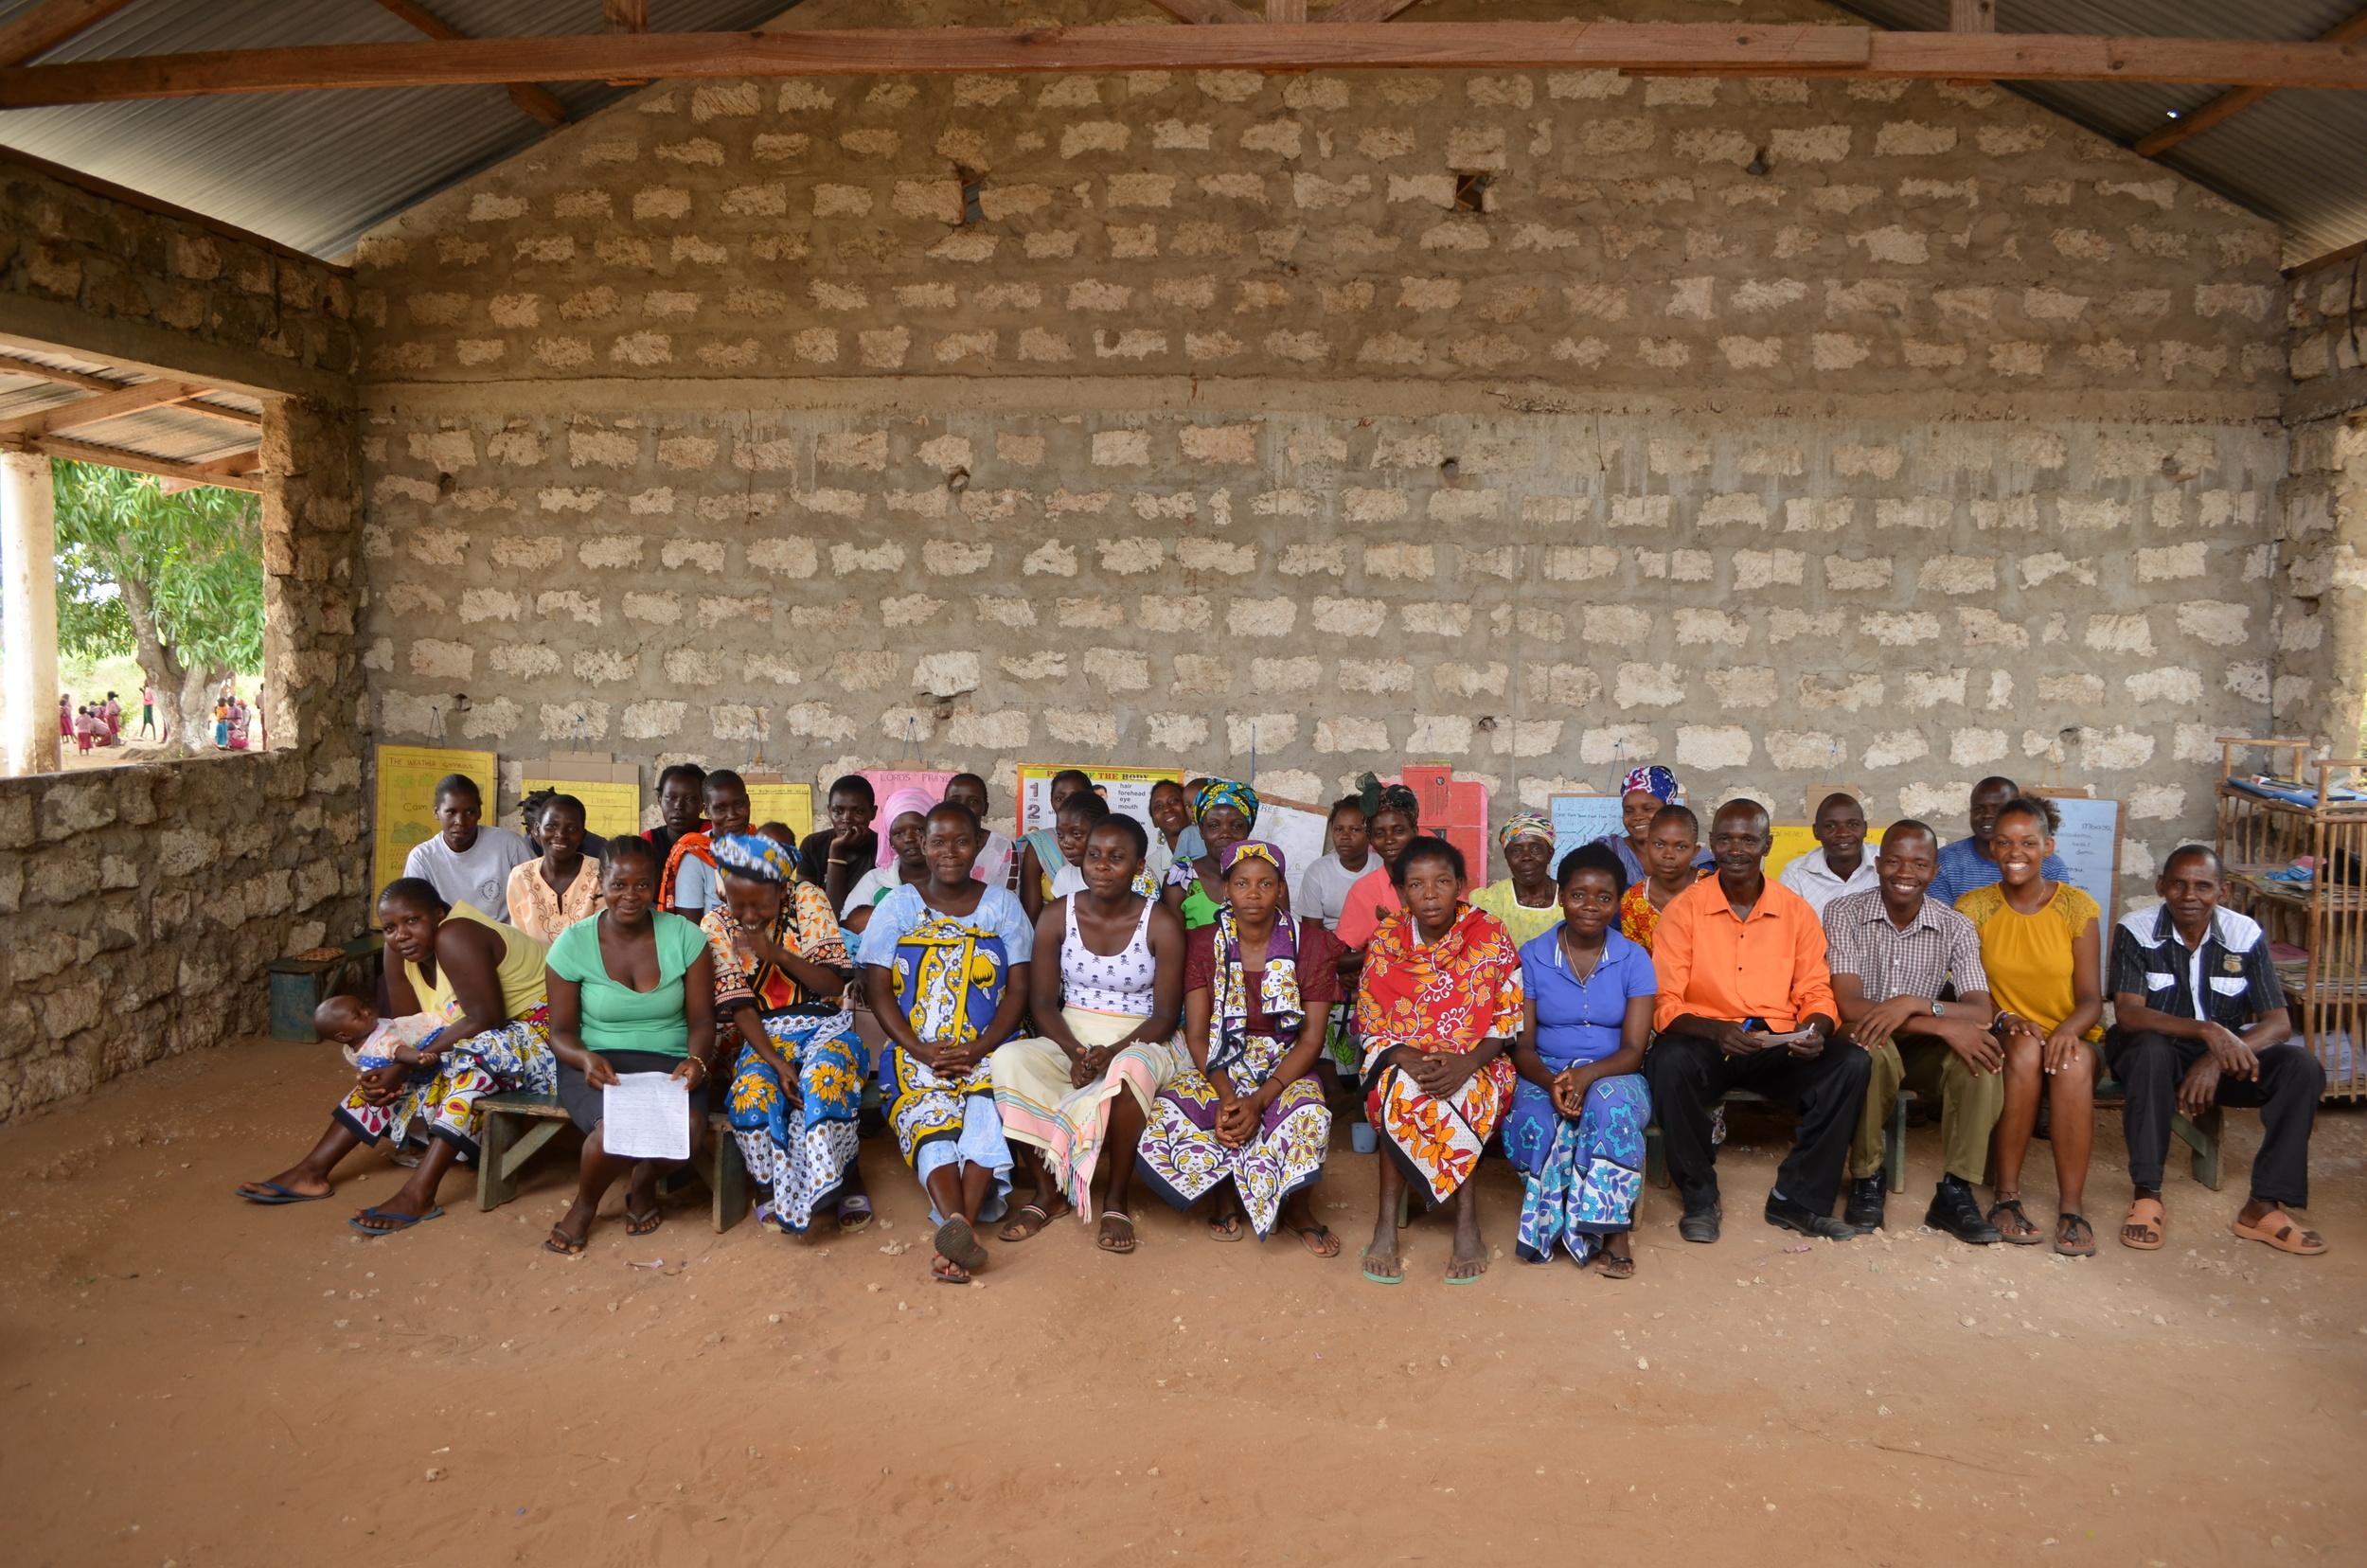 Wir bauen die erste ECO-School in Kenia!   Sehen Sie, wie wir gemeinsam mit der Community die wohl nachhaltigste Schule im Land bauen.   Zu unserem einzigartigen Projekt